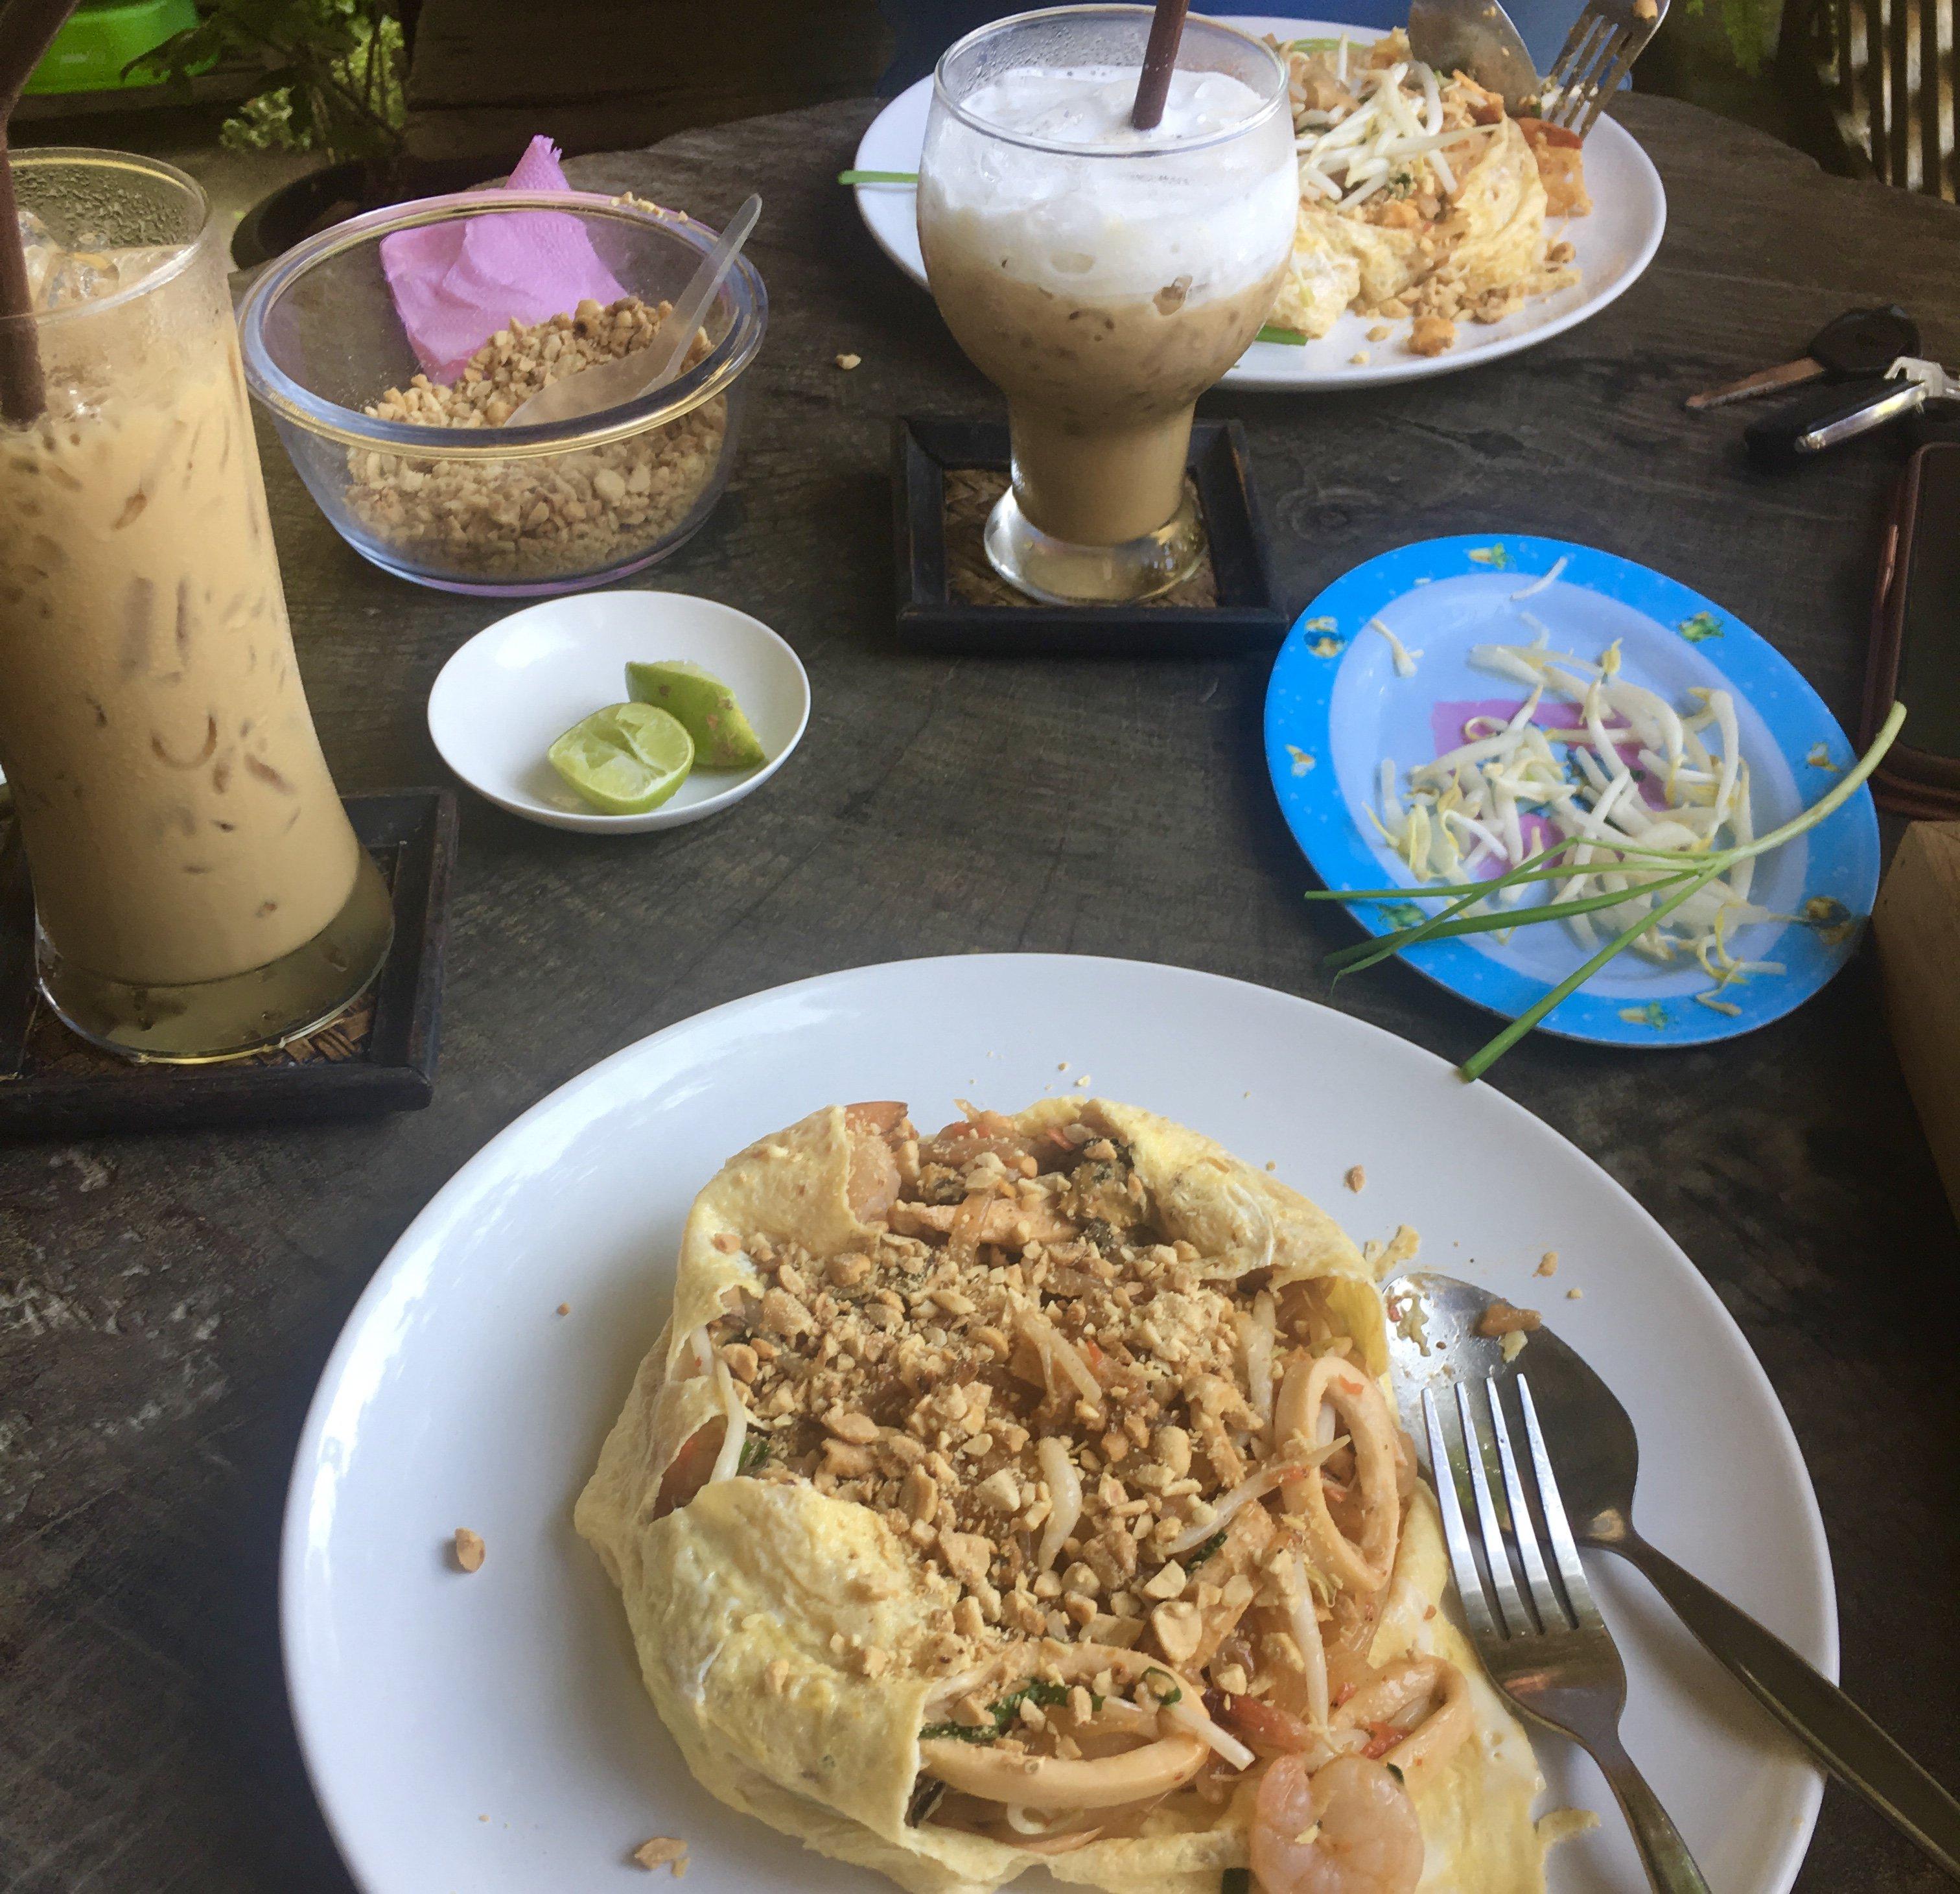 Food and coffee at Padthai @ Doi Saket Restaurant and Coffee - Choeng Doi, Doi Saket